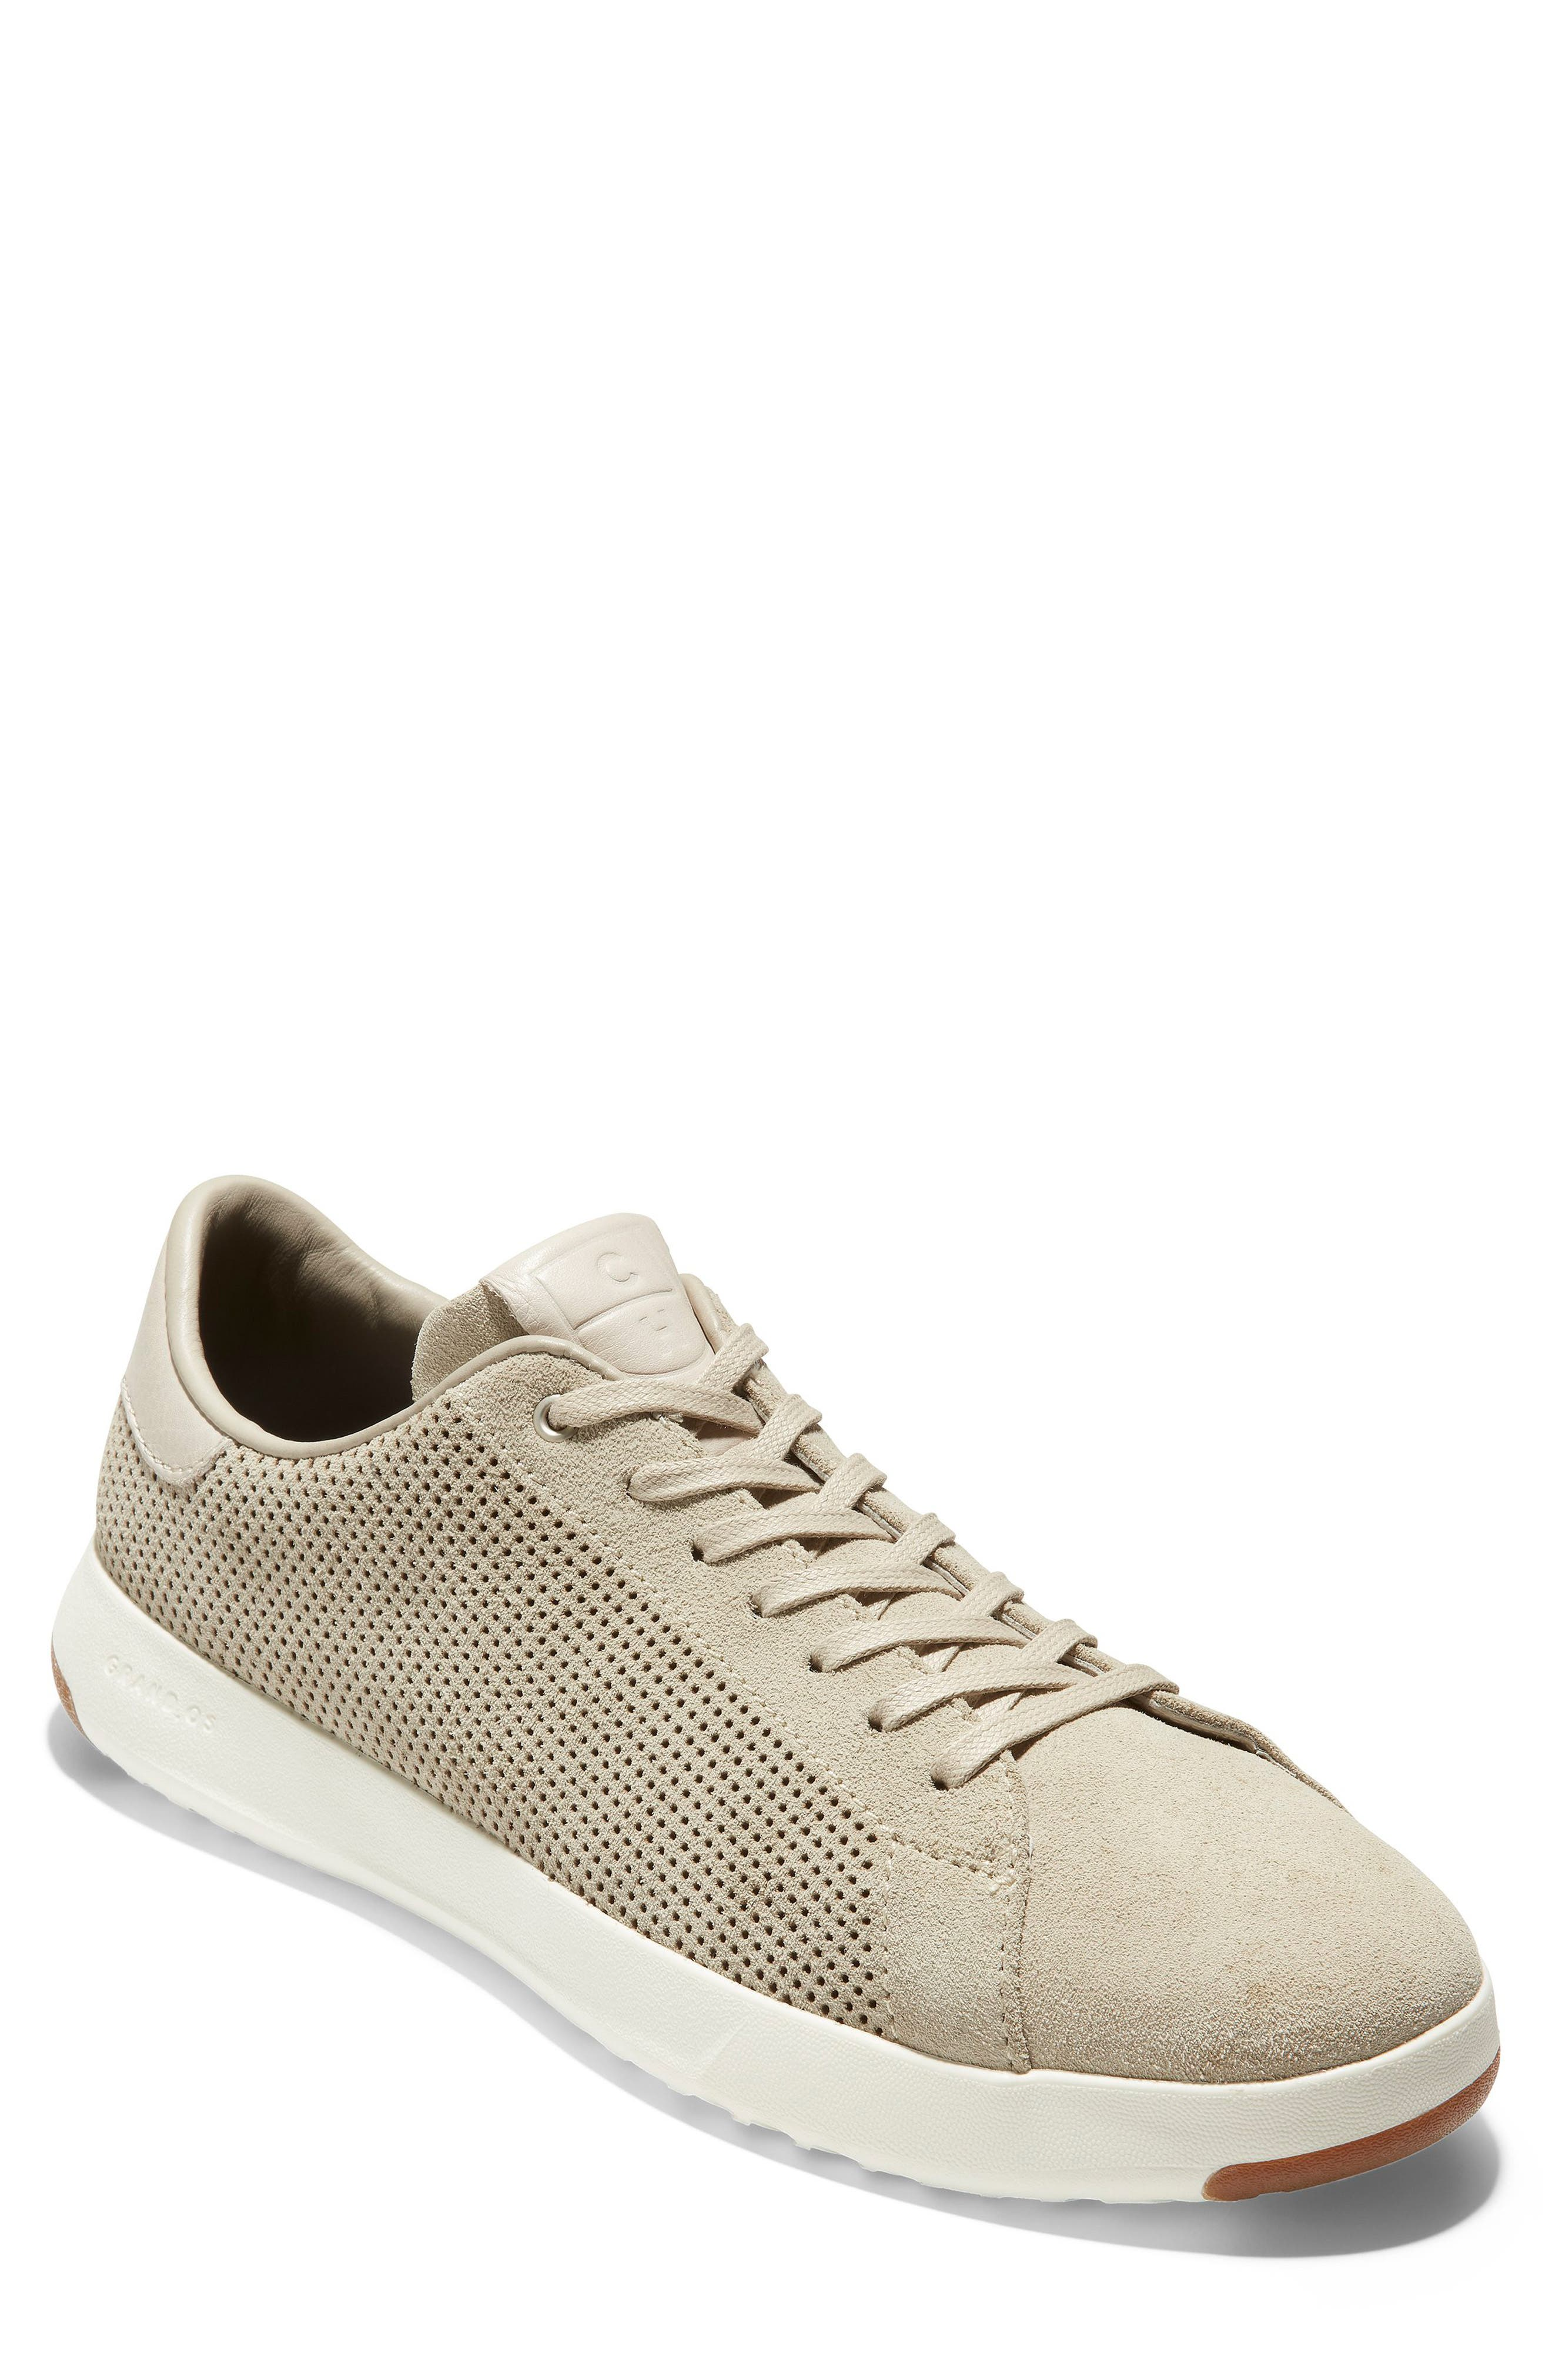 Cole Haan Grandpro Tennis Sneaker- Beige